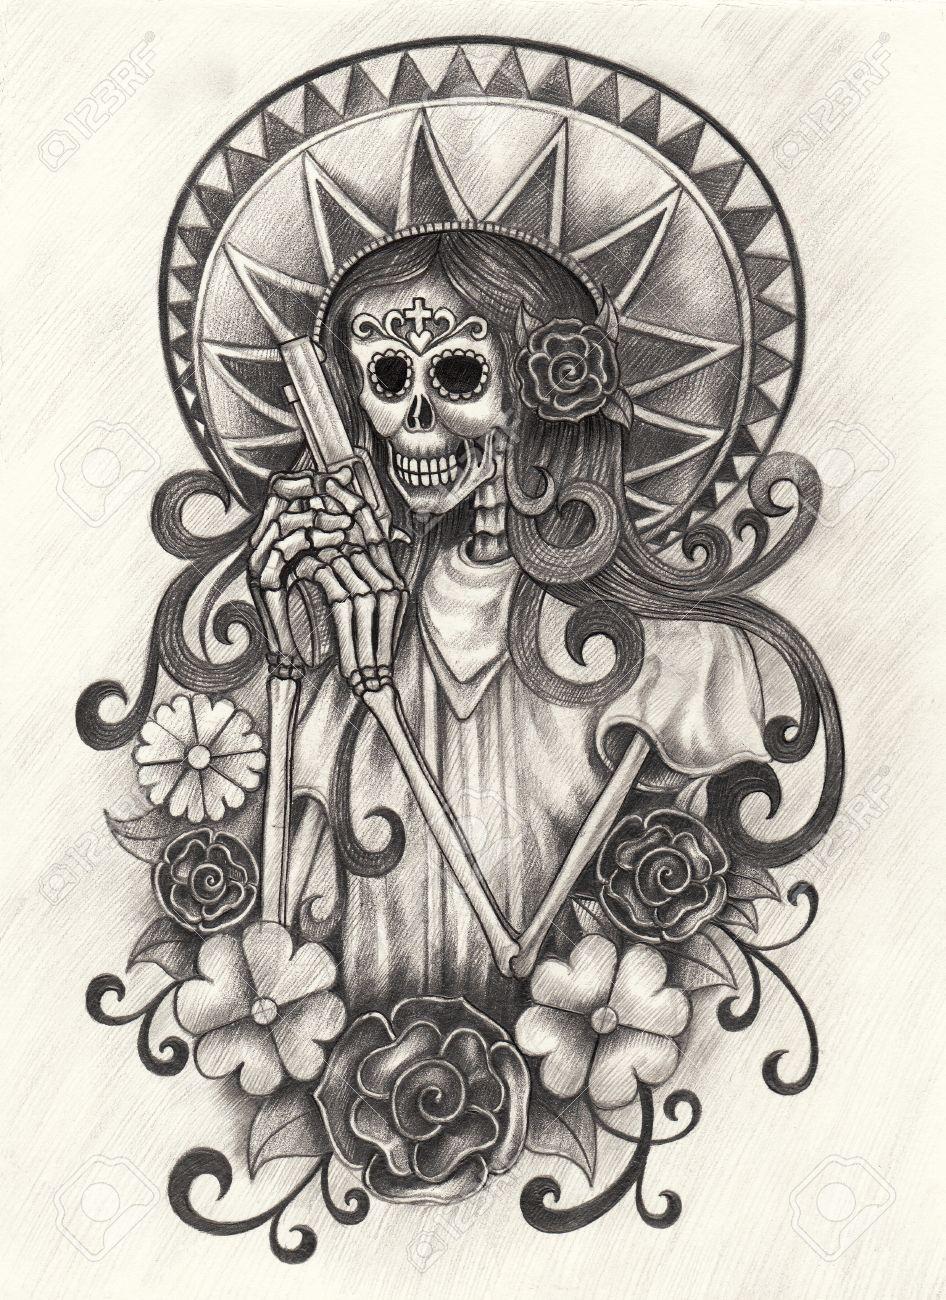 Mujeres Cráneo Día El Arte Del Festival Muerto Hand Dibujo A Lápiz